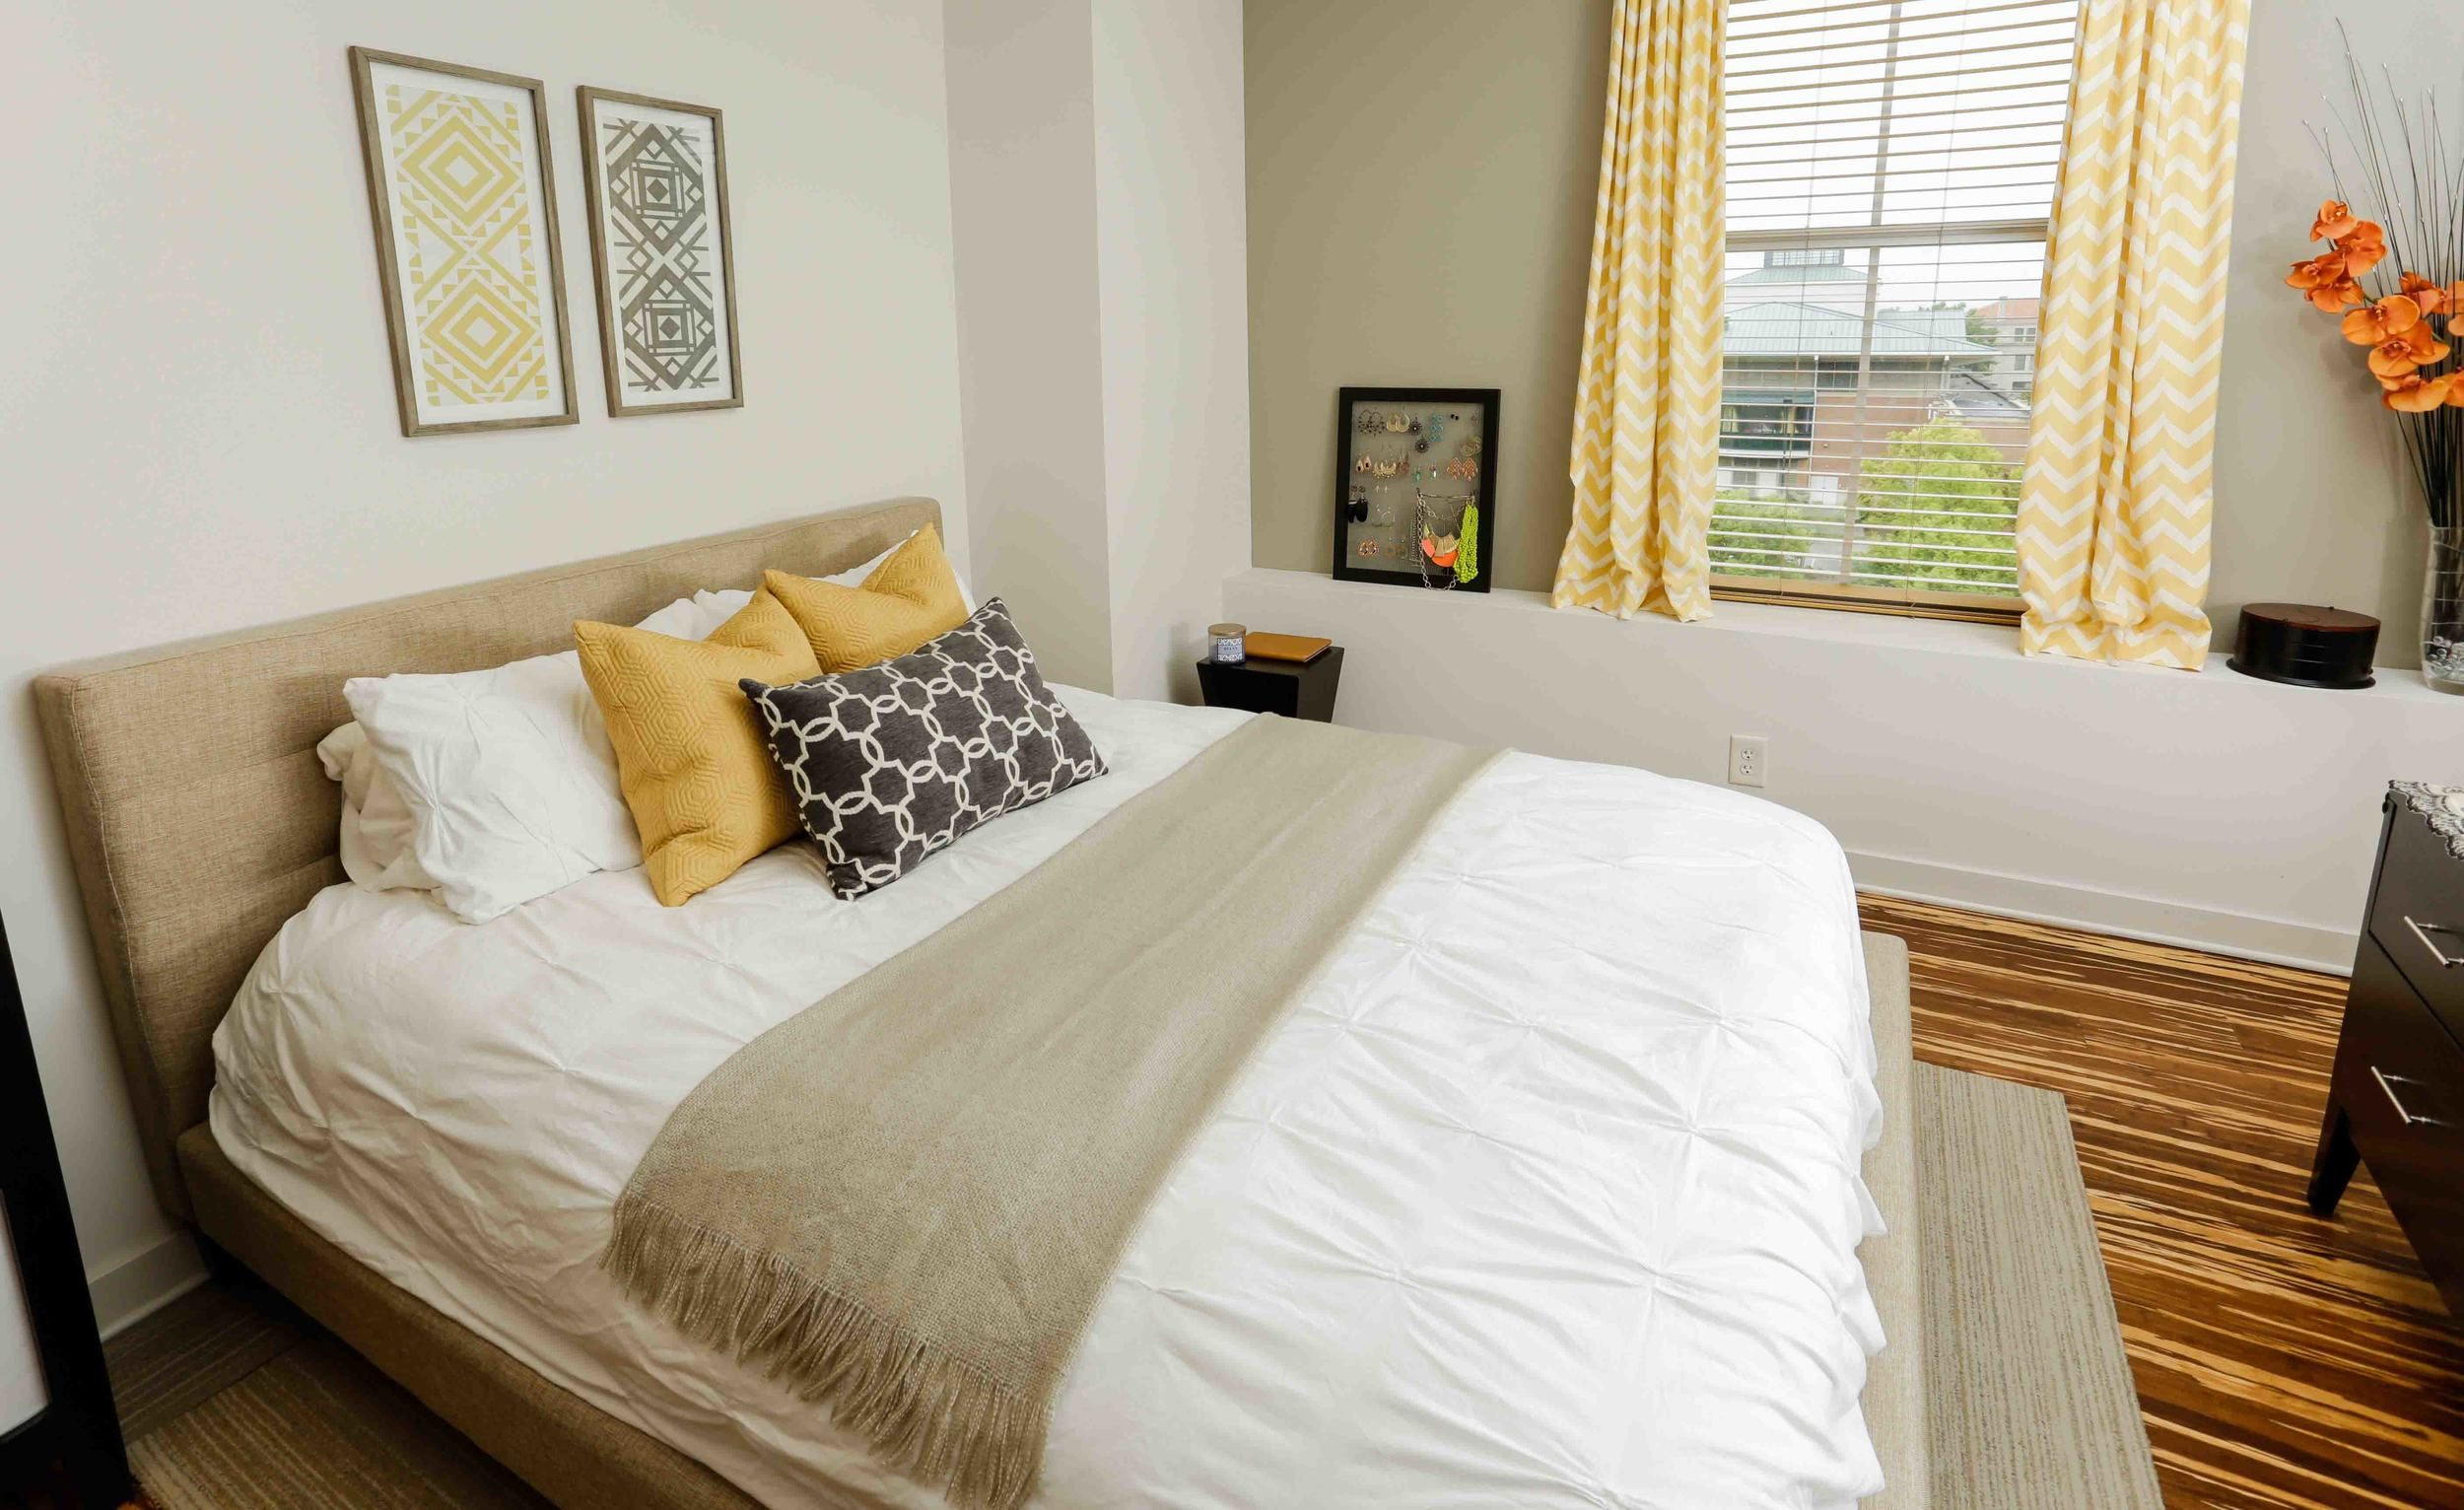 1 Bedroom Apartment in Macon, GA